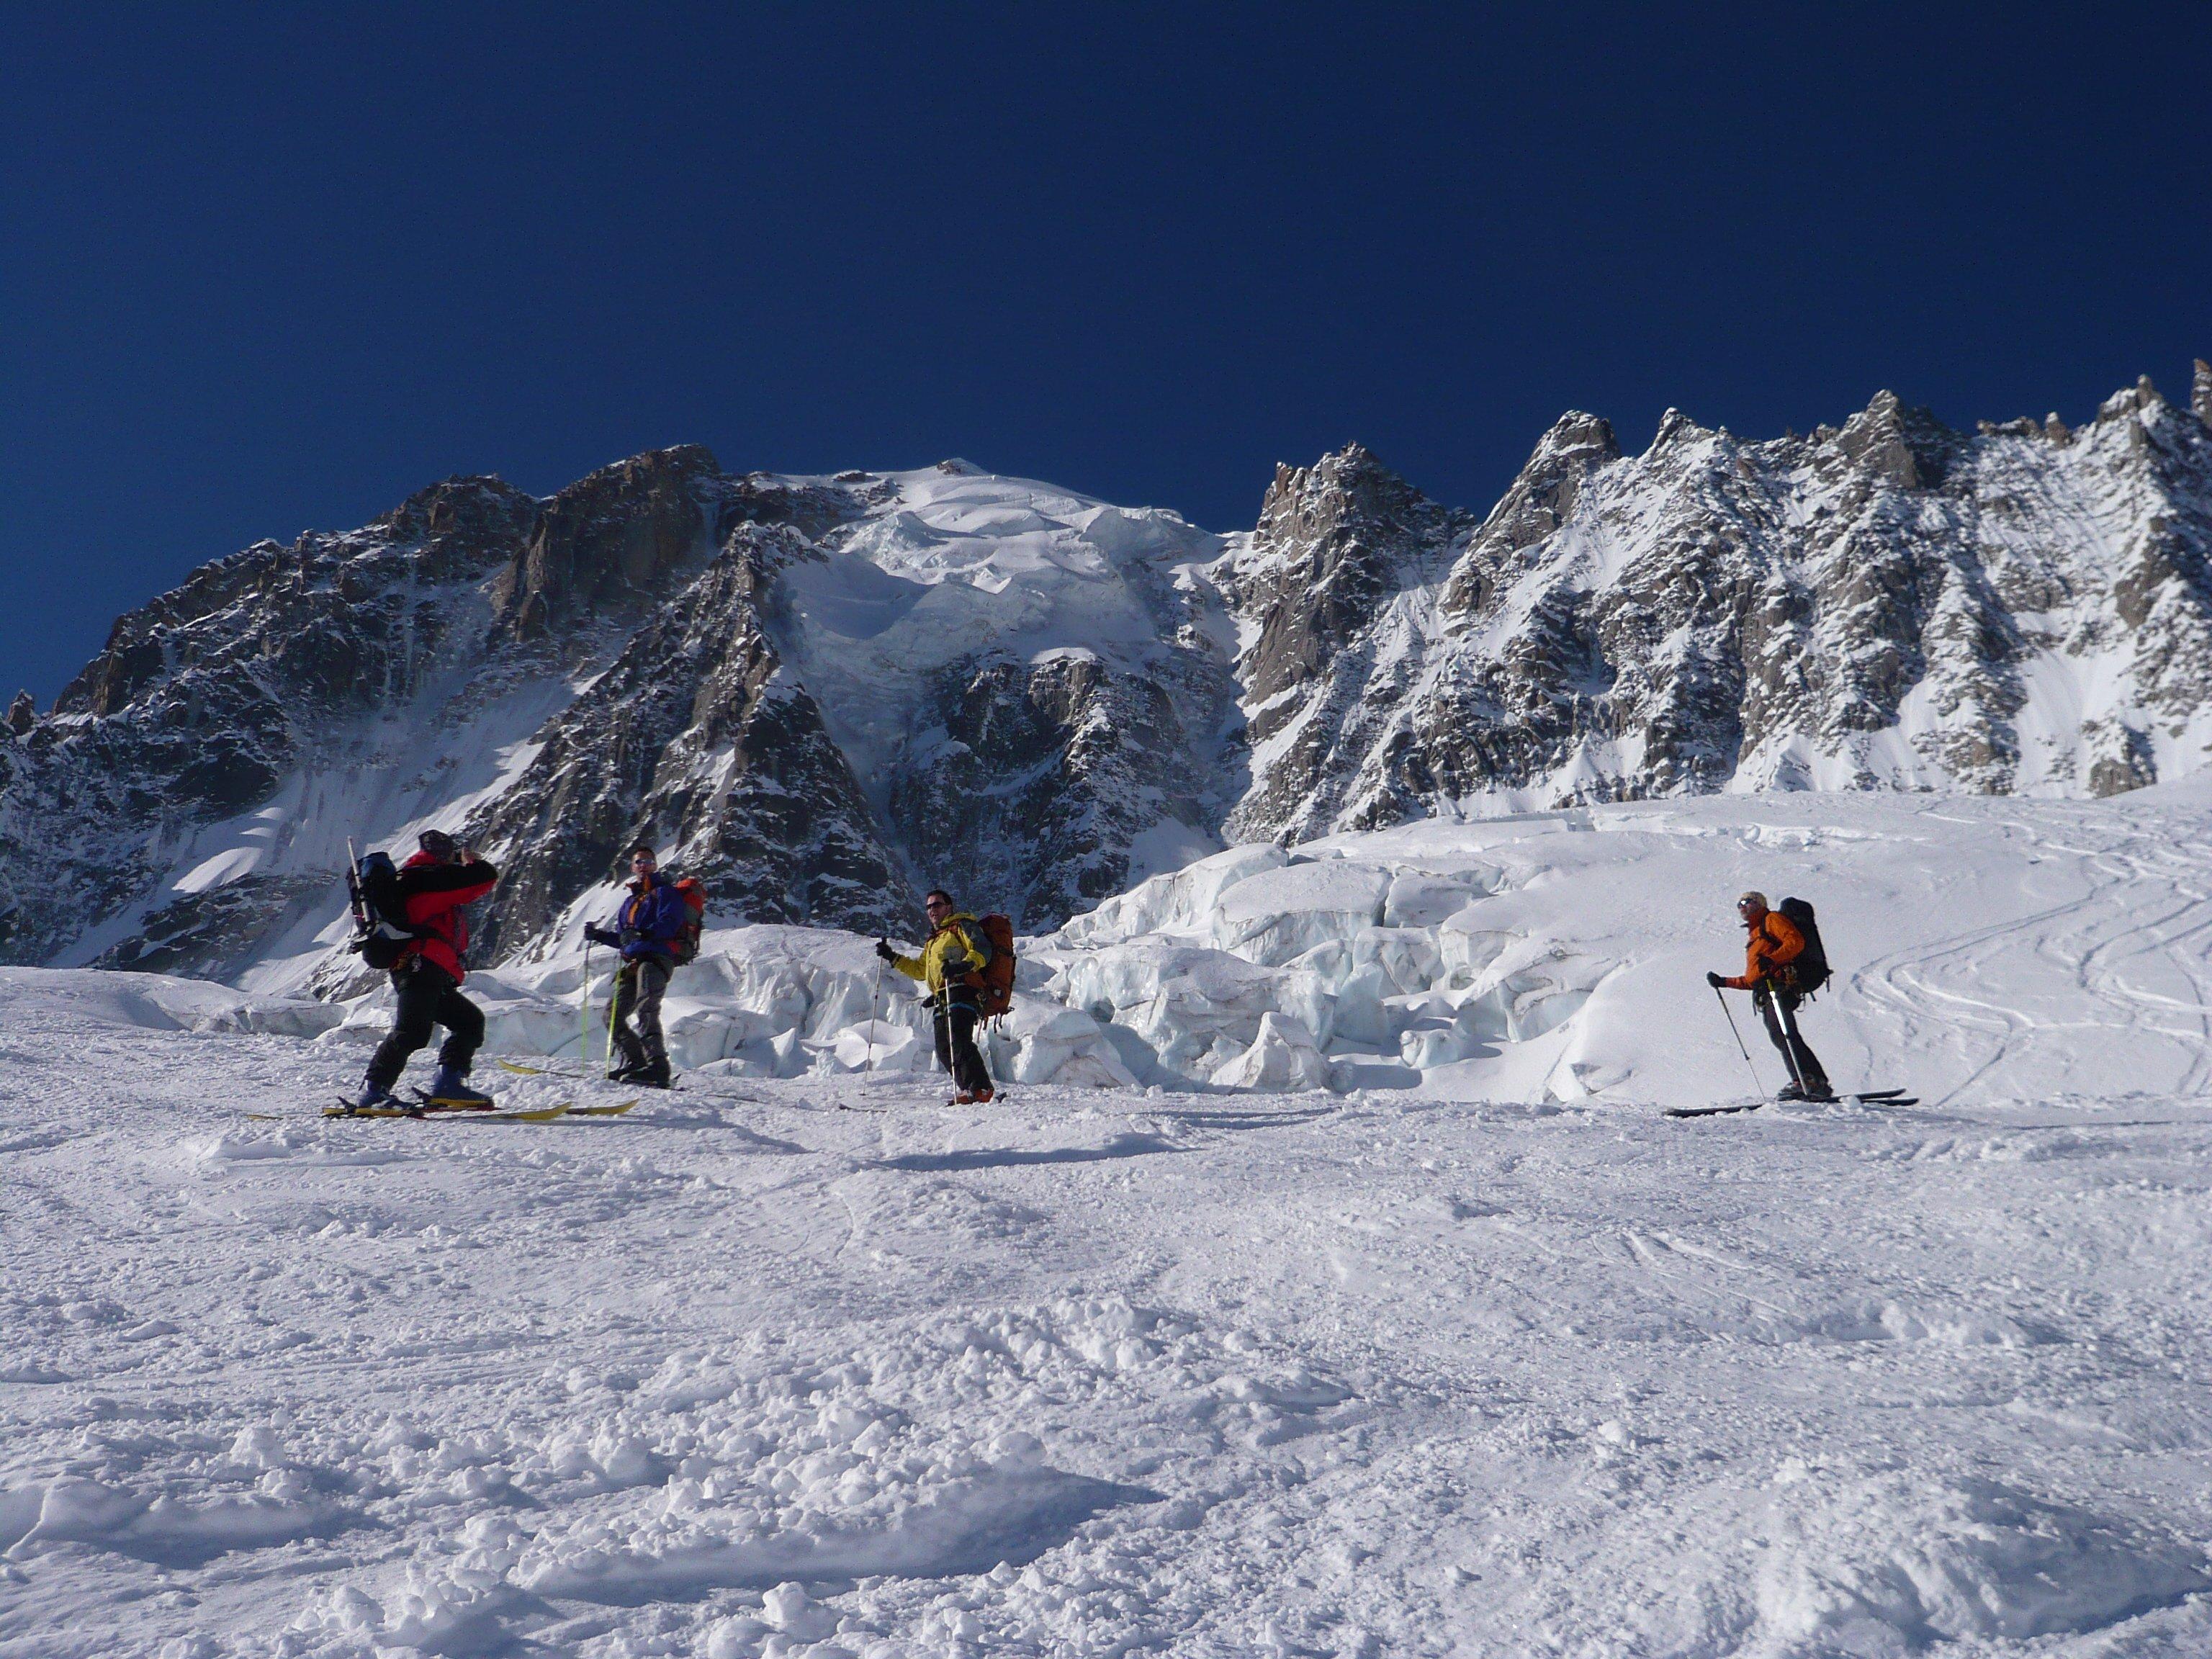 La haute route des alpes for Haute route des alpes